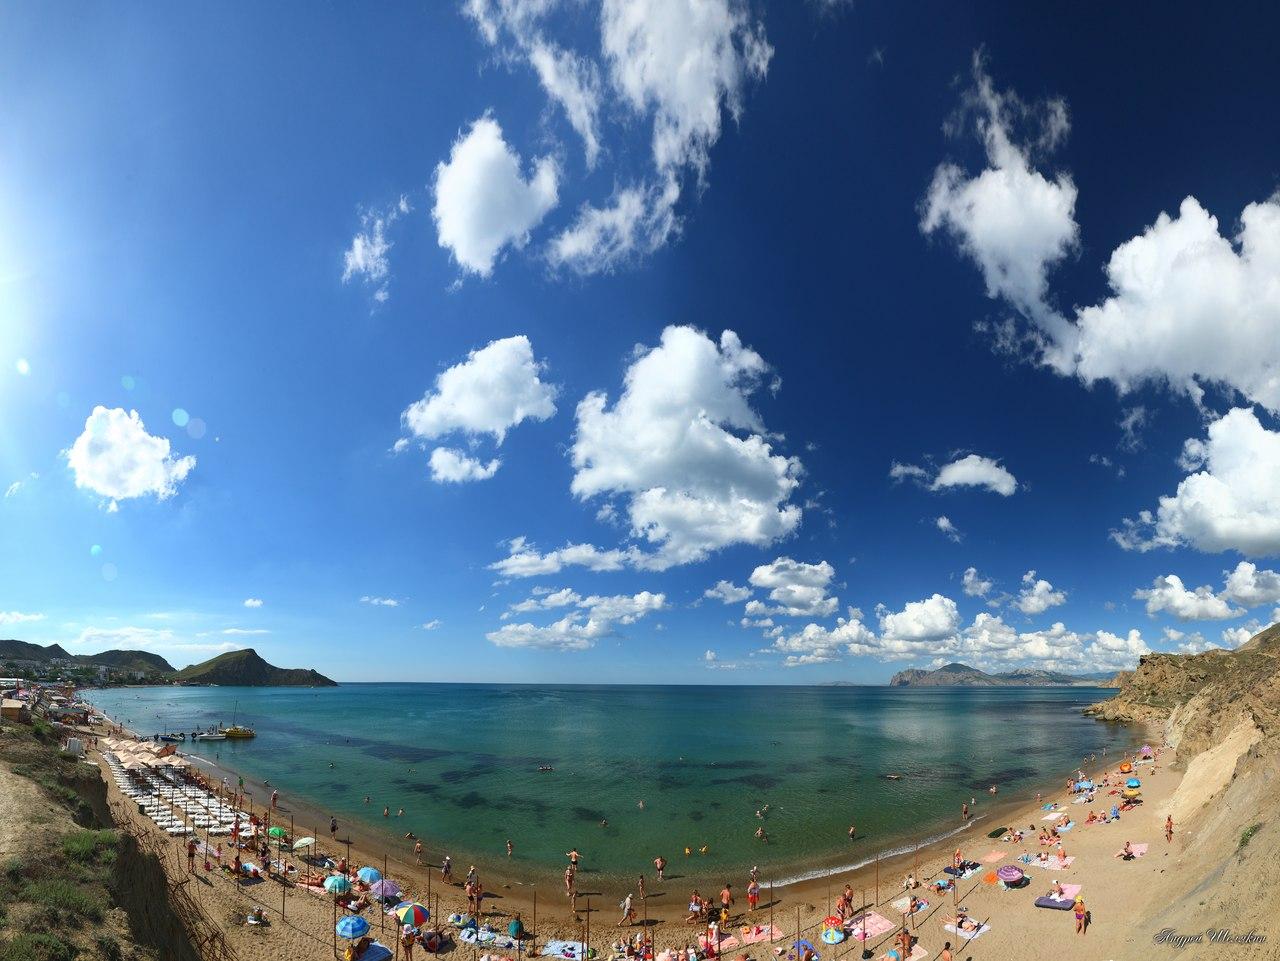 тут вспомнил самые лучшие пляжи крыма отзывы фото праву занимает достойное